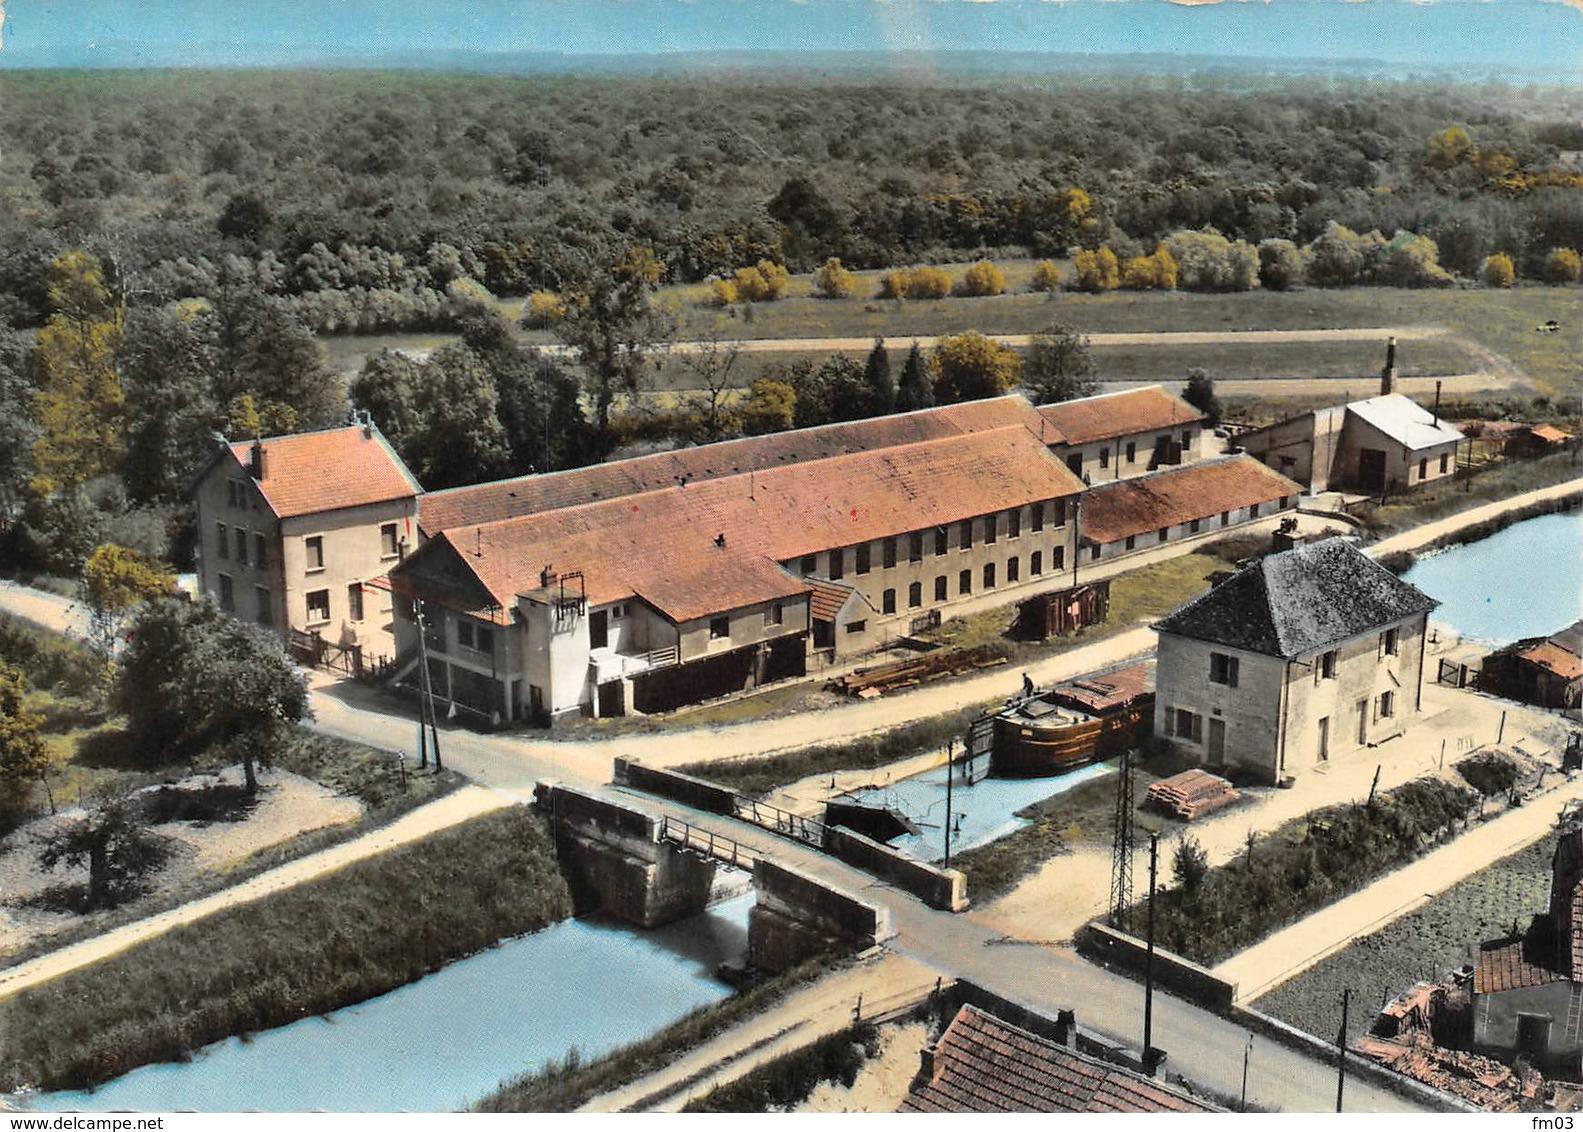 Abergement La Ronce Canal écluse Thème Péniche Péniches Canton Dole - France